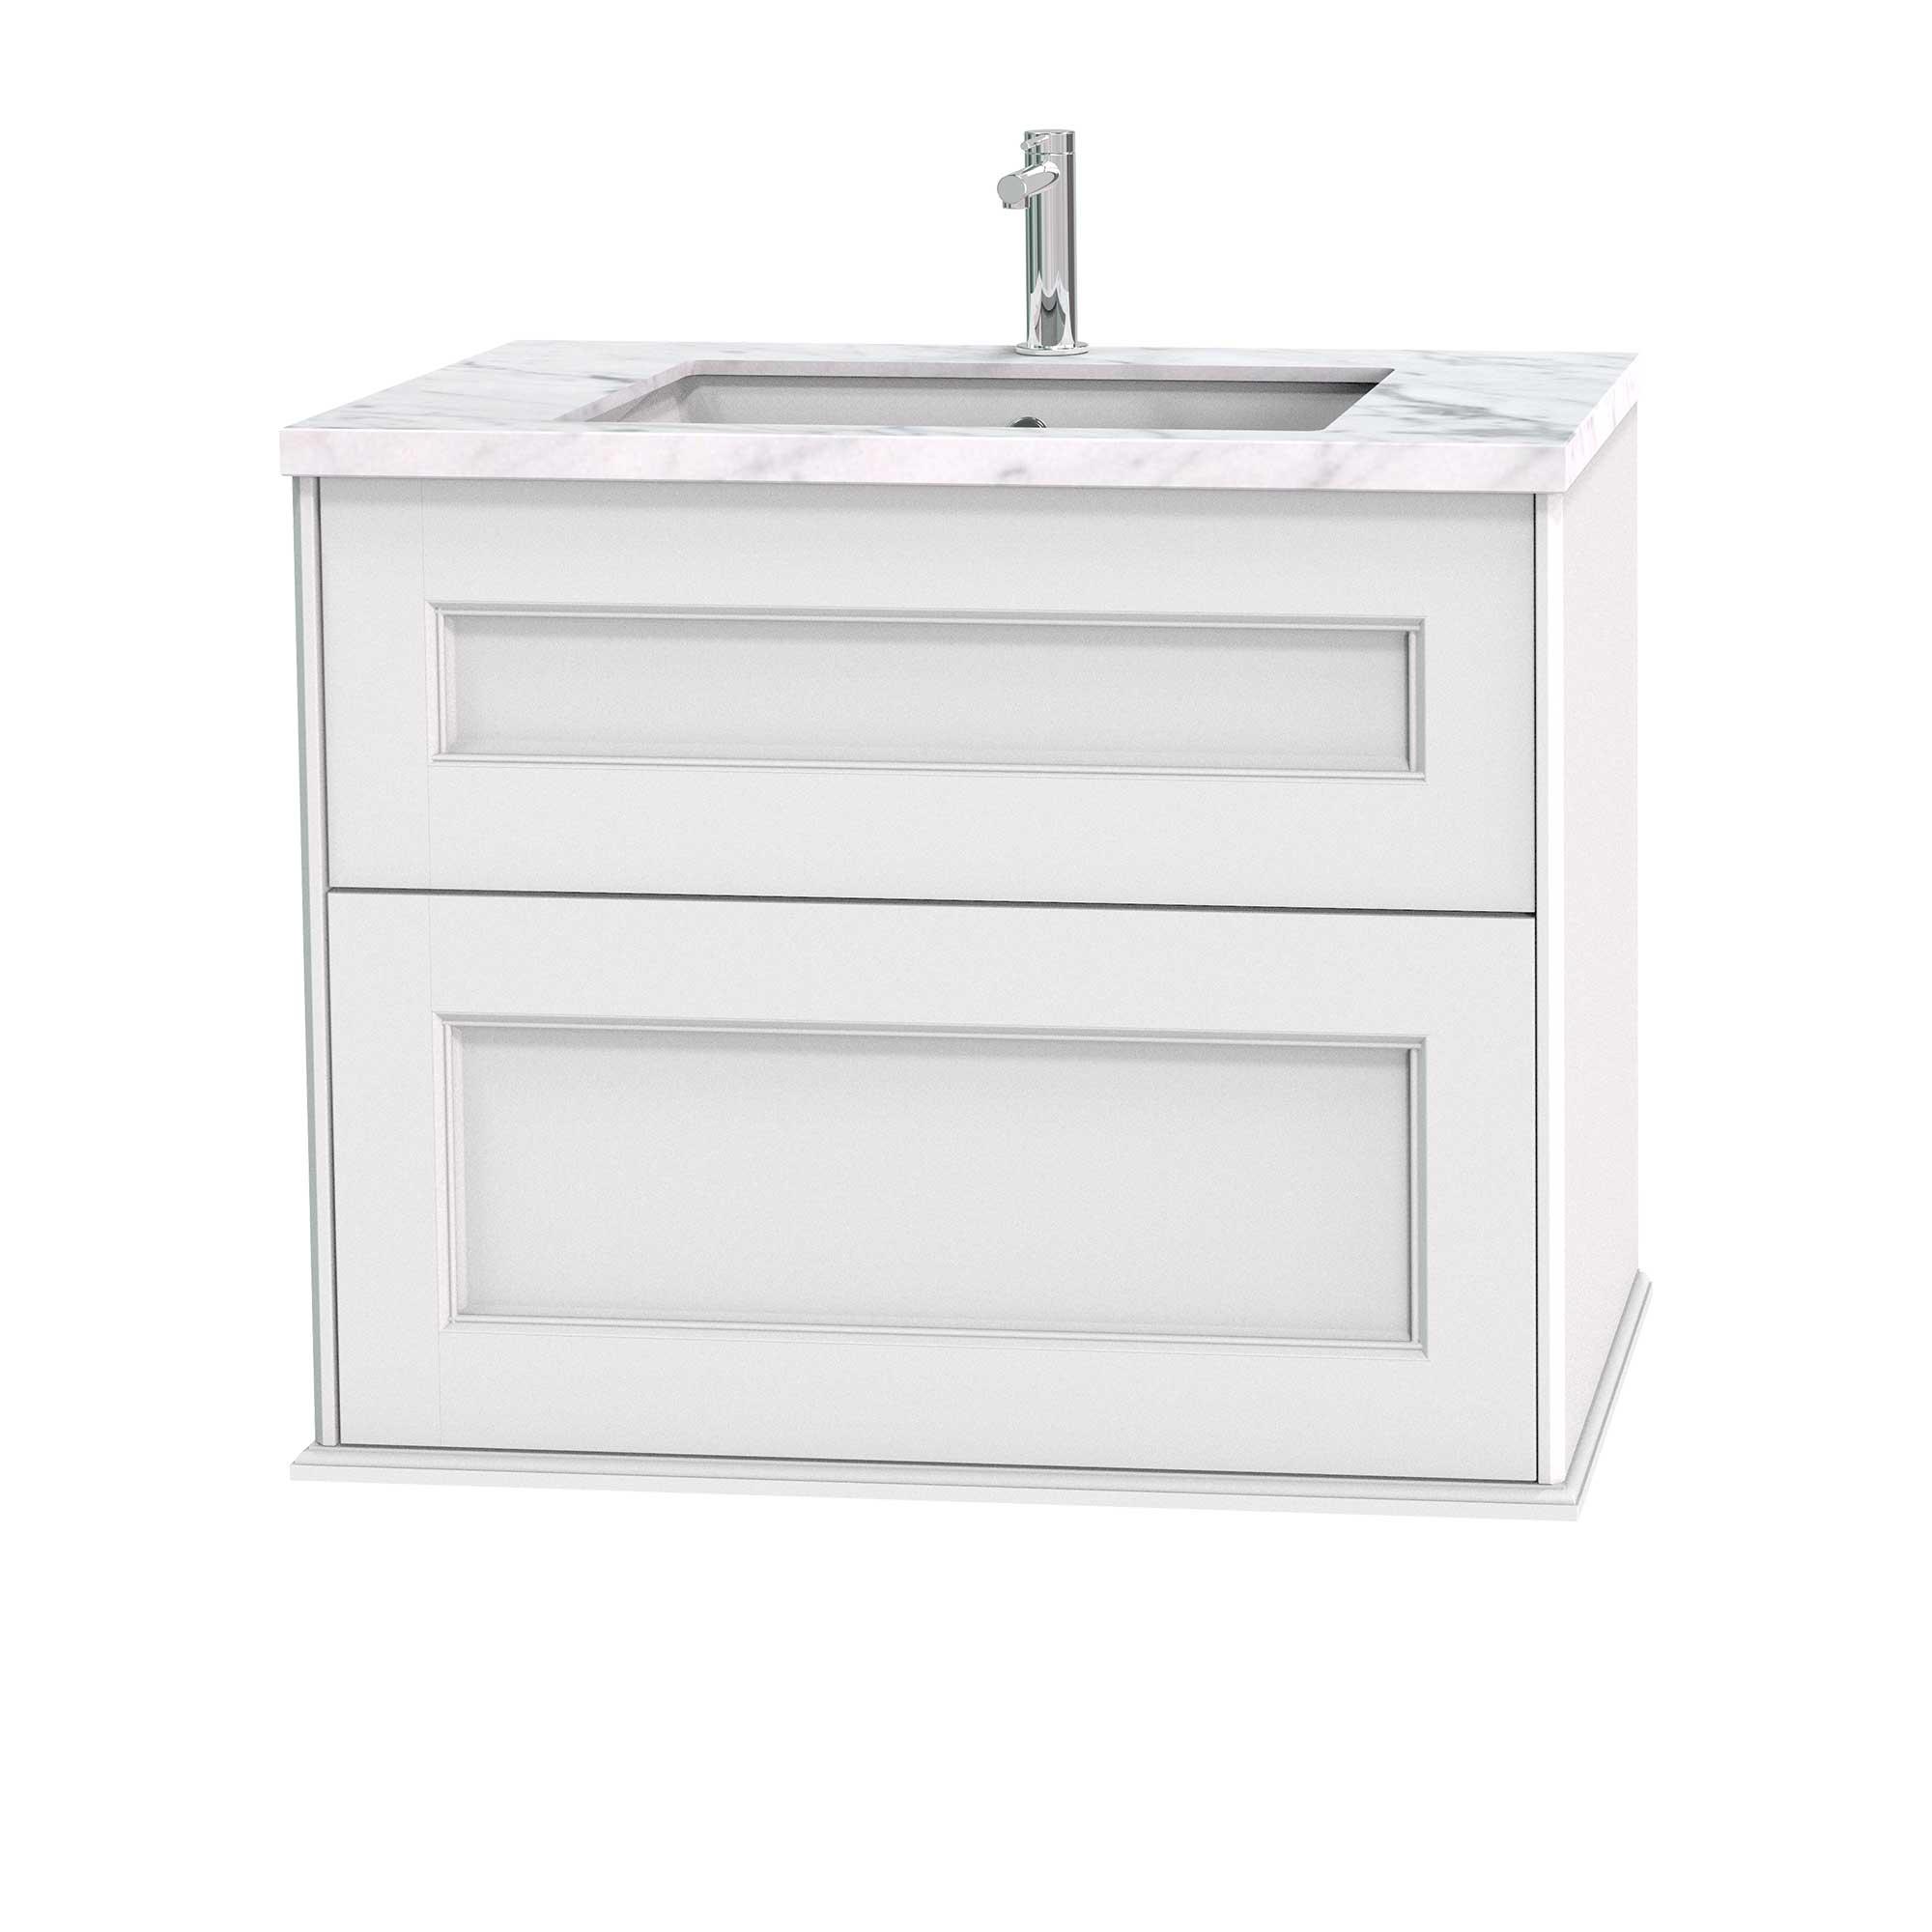 Tvättställsskåp Miller Badrum Kensington 80 med Lådor Vägghängd för Bänkskiva